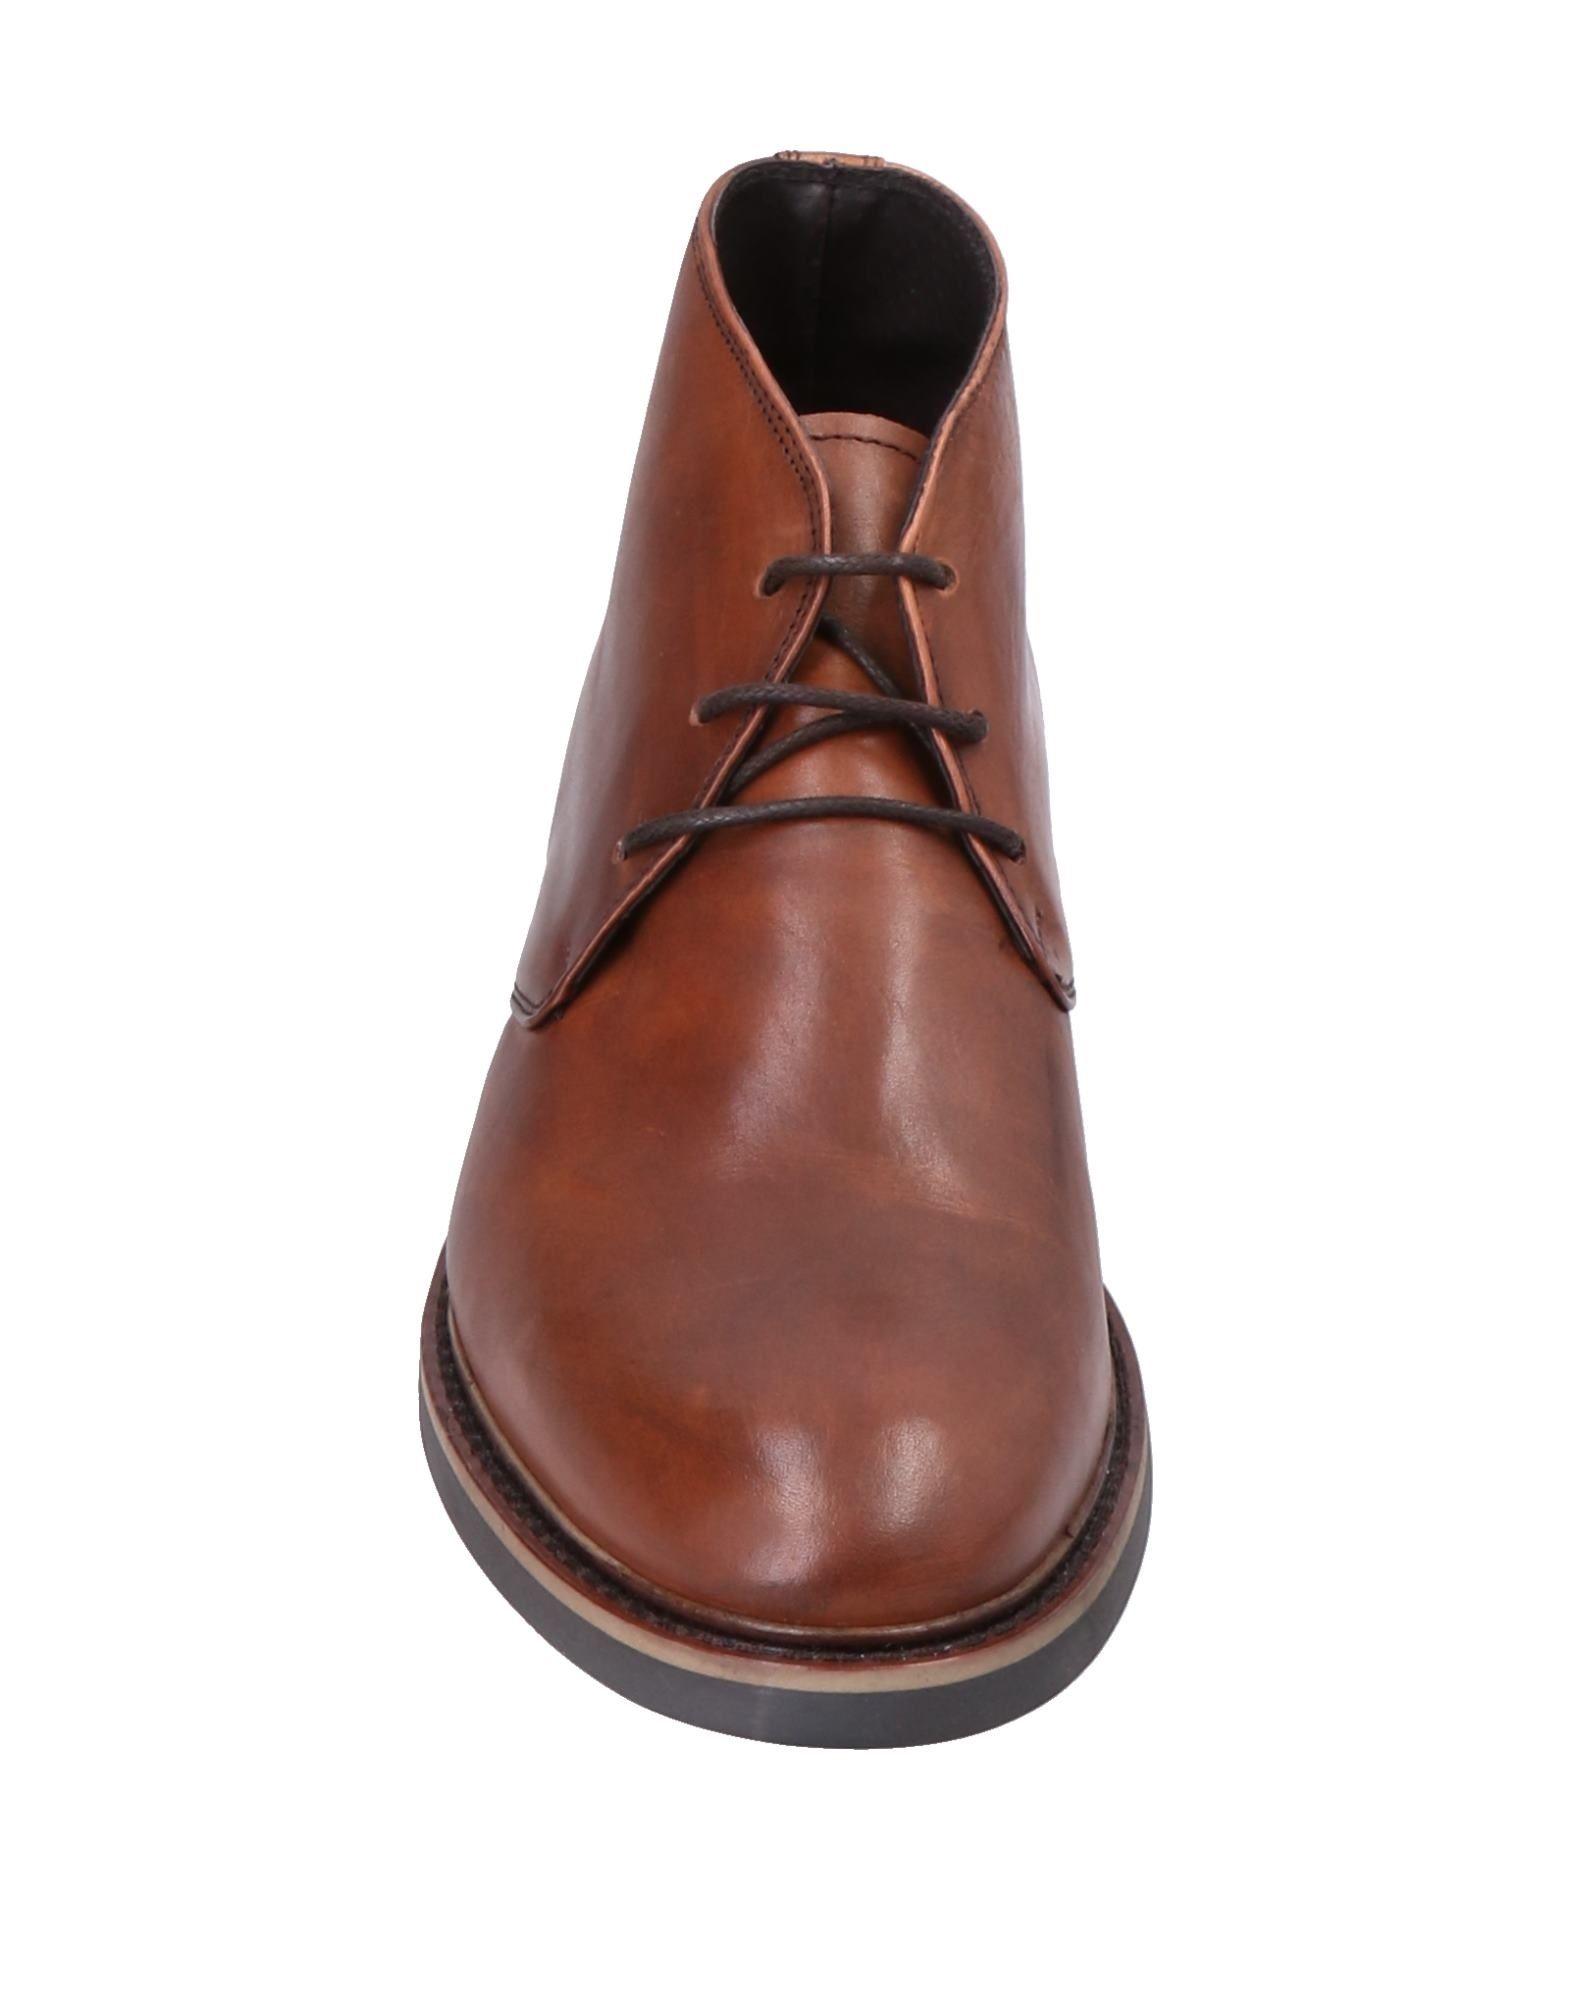 Rabatt echte Schuhe Adeep 11556408UT Stiefelette Herren 11556408UT Adeep 789ba7